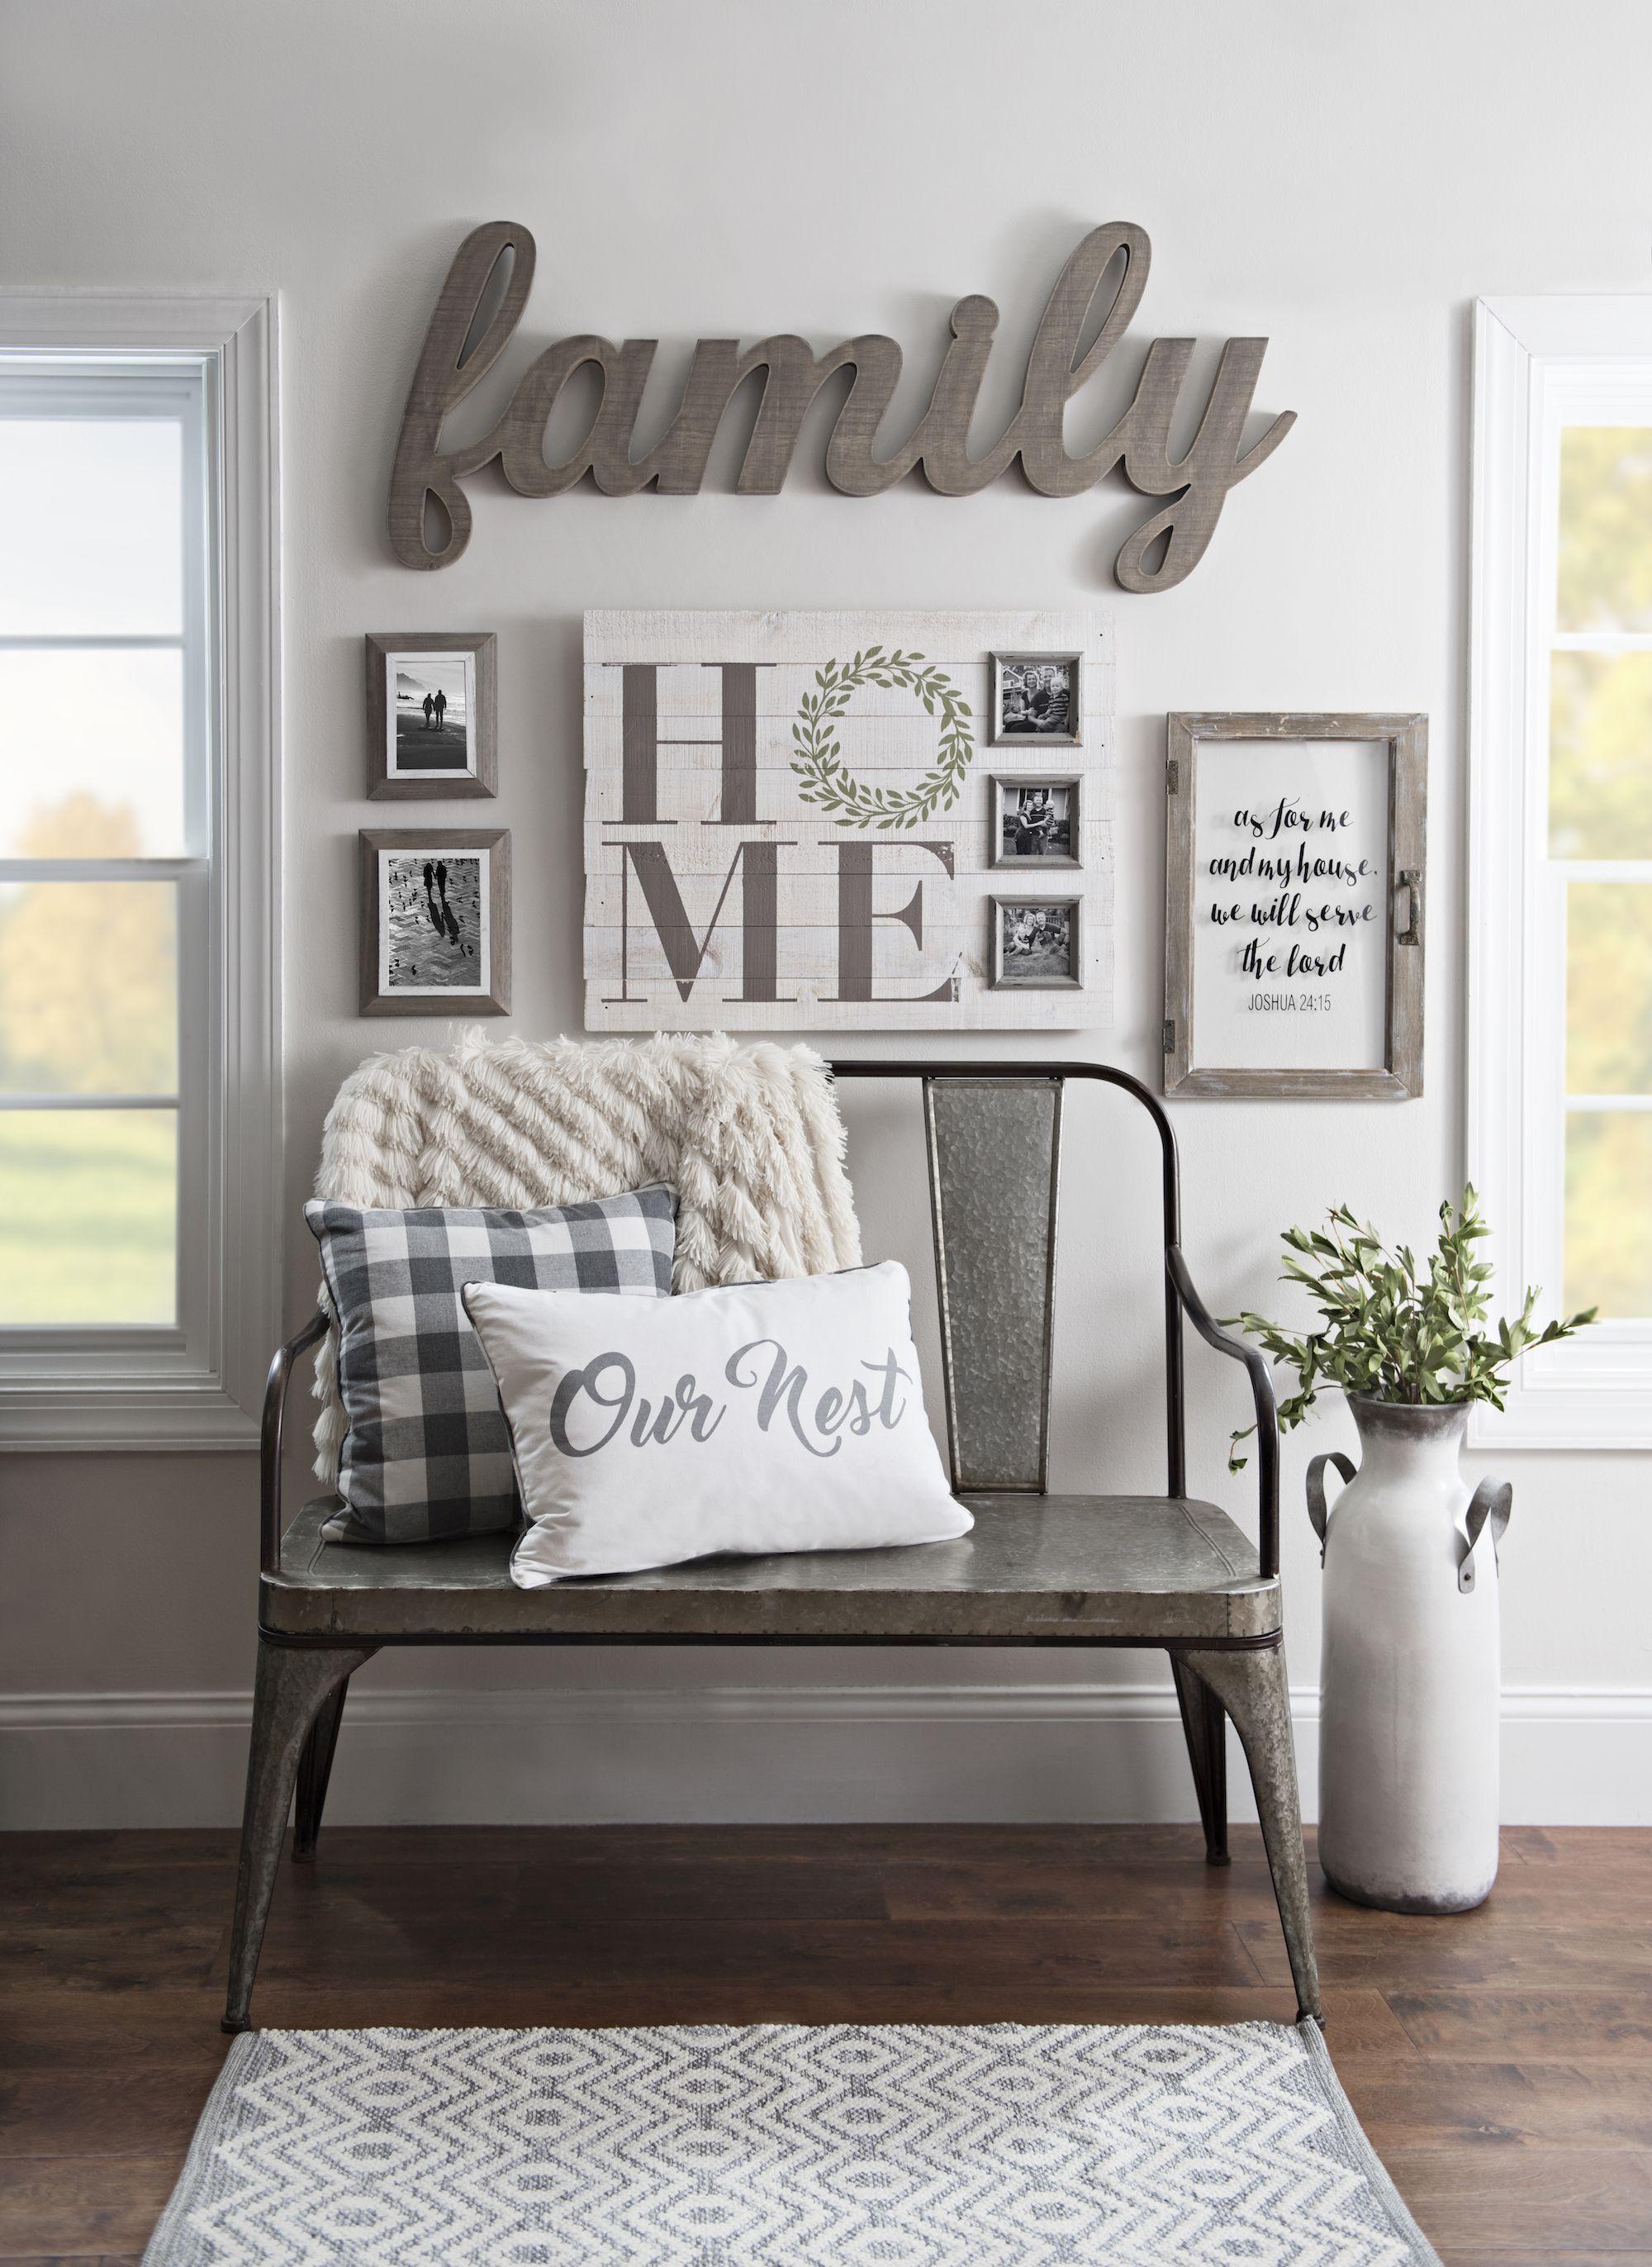 Driftwood Family Word Plaque Entrada Decoraci N Y Decoraci N De  ~ Decoracion Apartamentos Pequeños